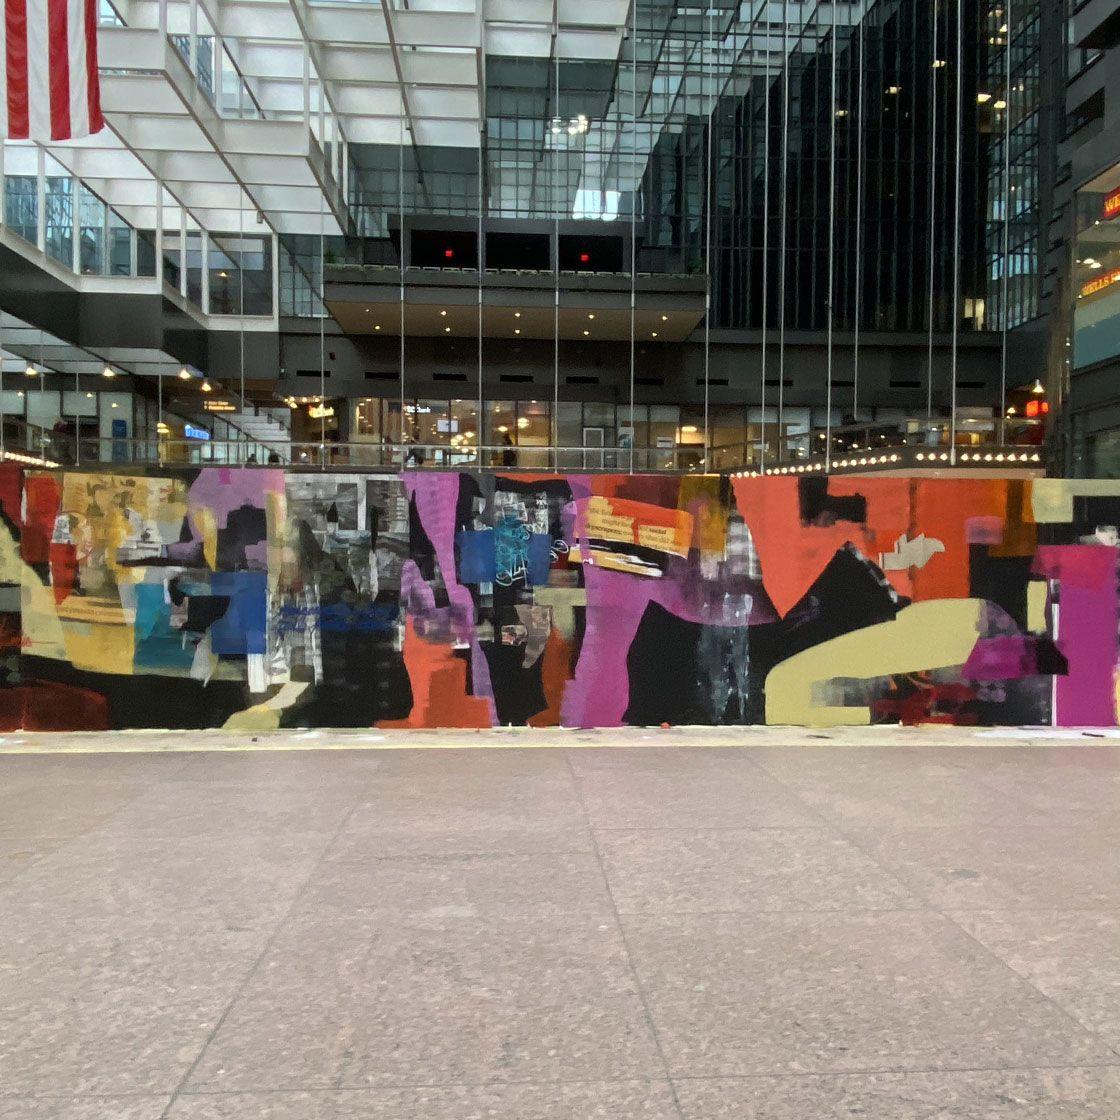 IDS center murals